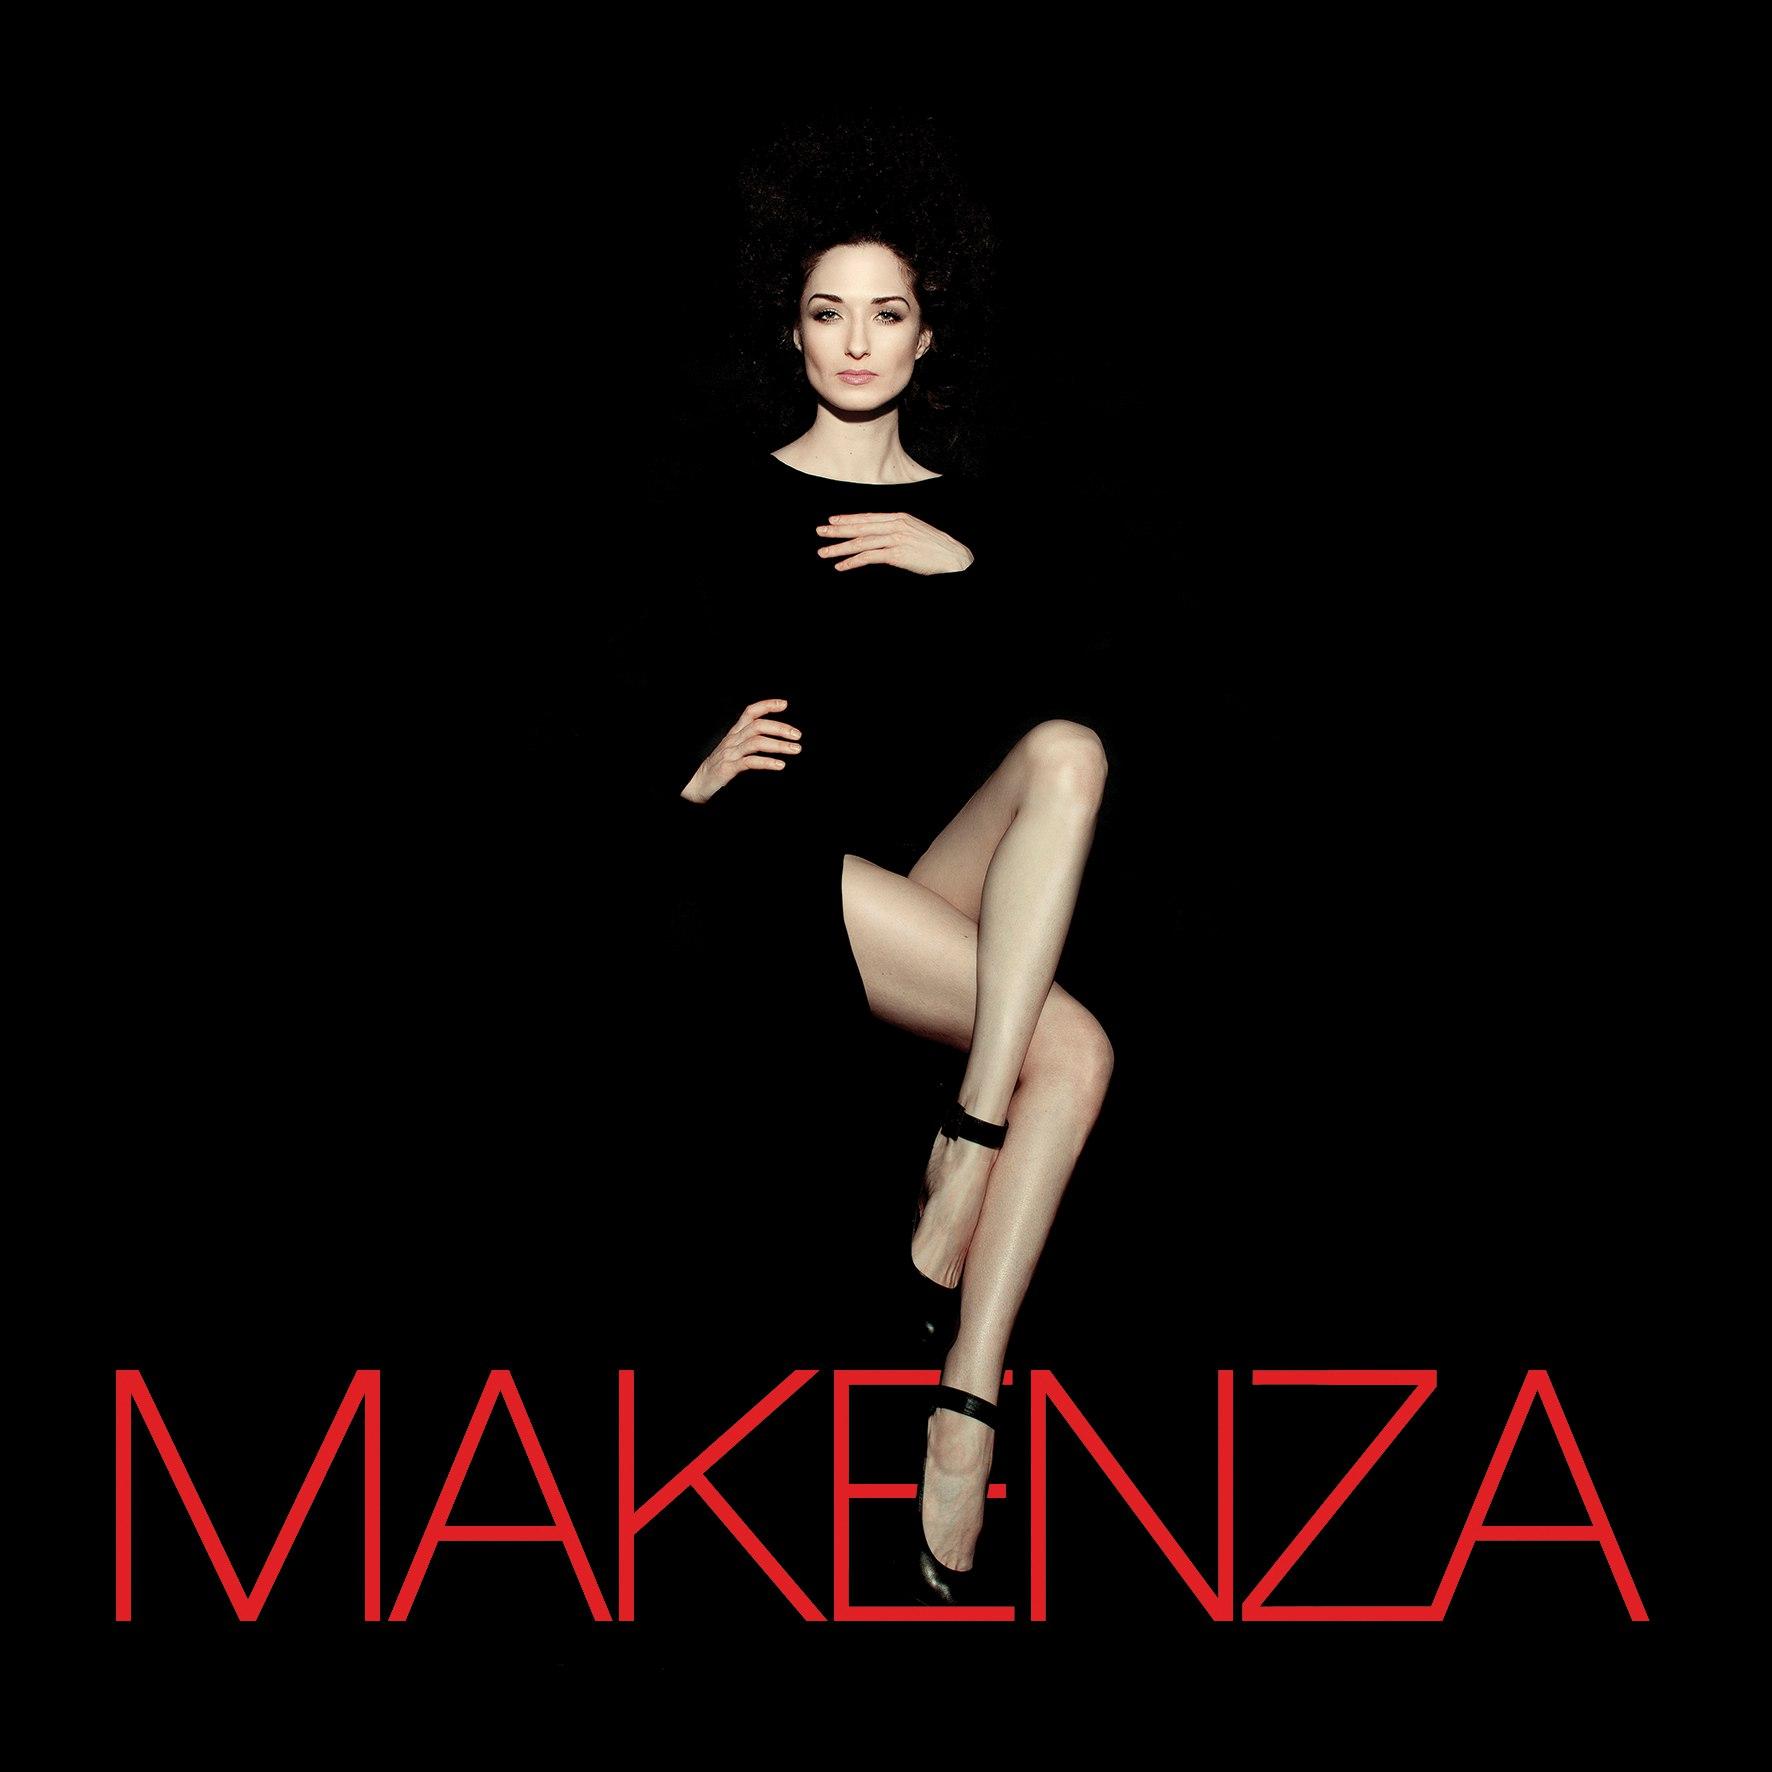 дебютный альбом группы MAKENZA